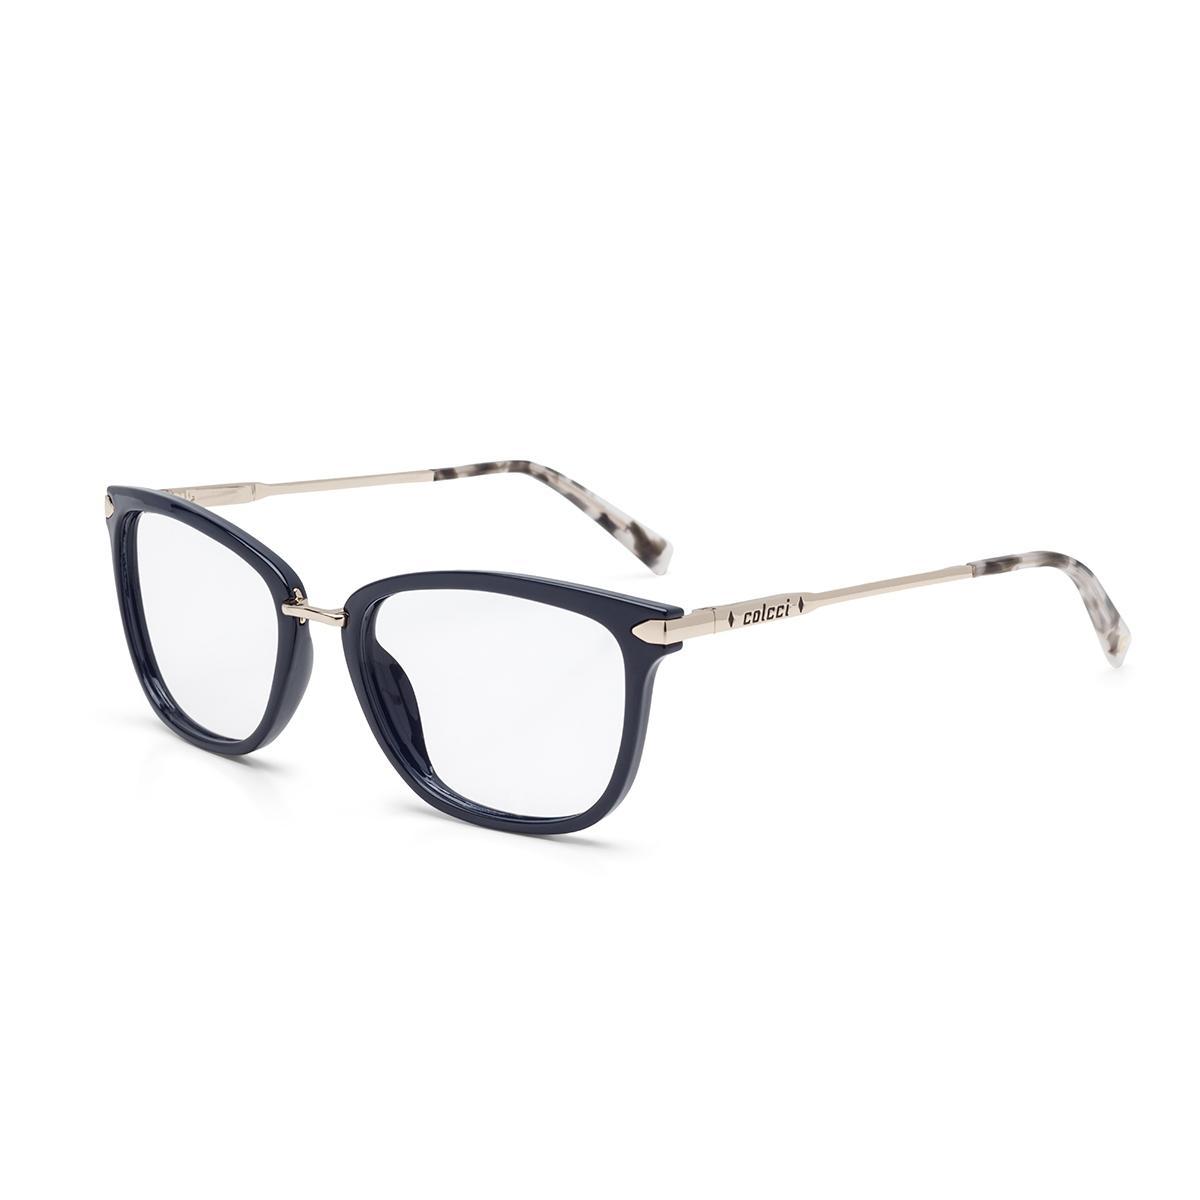 c5bdb462c Óculos de Grau Colcci ANNA C6095 K19 54 Azul Lente Tam 54 R$ 389,00 à  vista. Adicionar à sacola